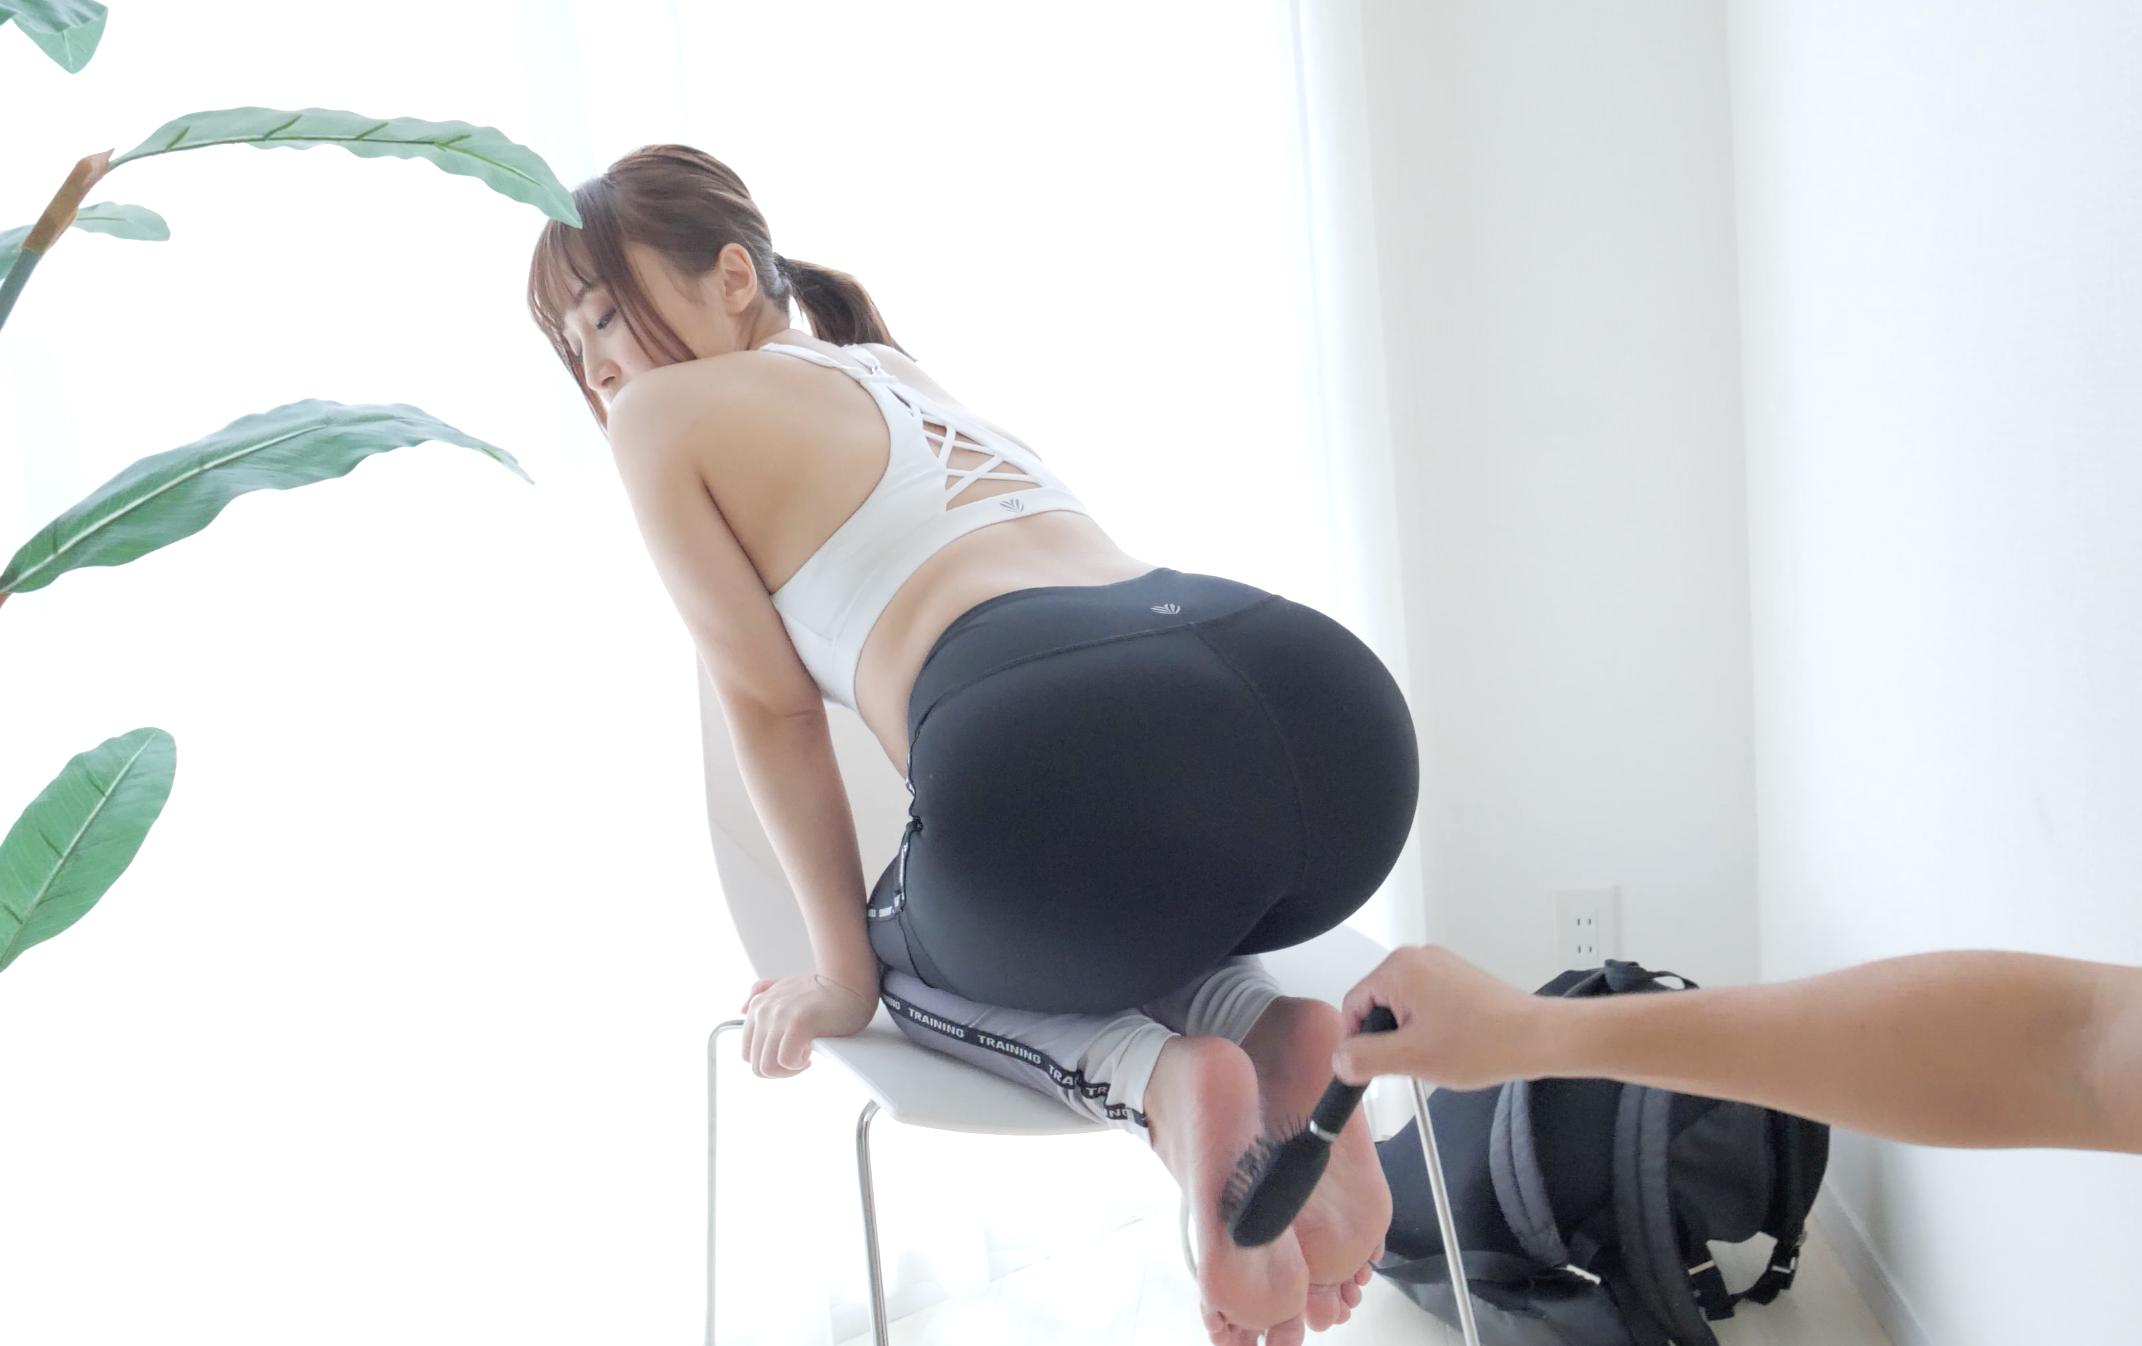 【足裏くすぐり】大人気女優きみと歩実ちゃんの足裏くすぐり動画!